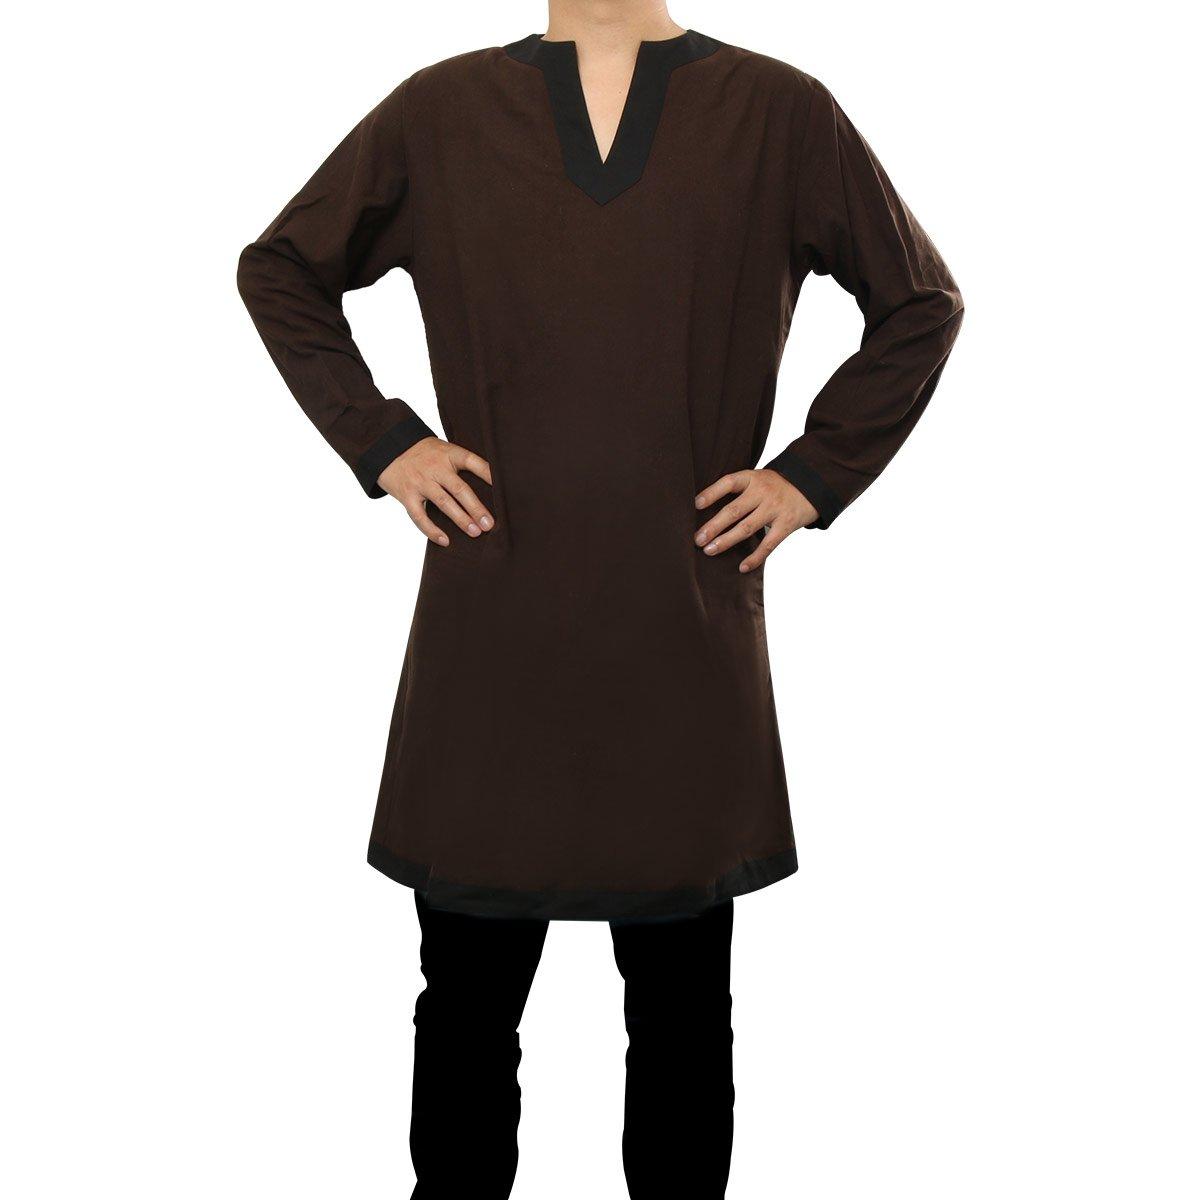 Nofonda Tunica Medievale per Uomo Stile Cavaliere Natale Camicia Elegante Costume Cosplay di Halloween Larp Feste